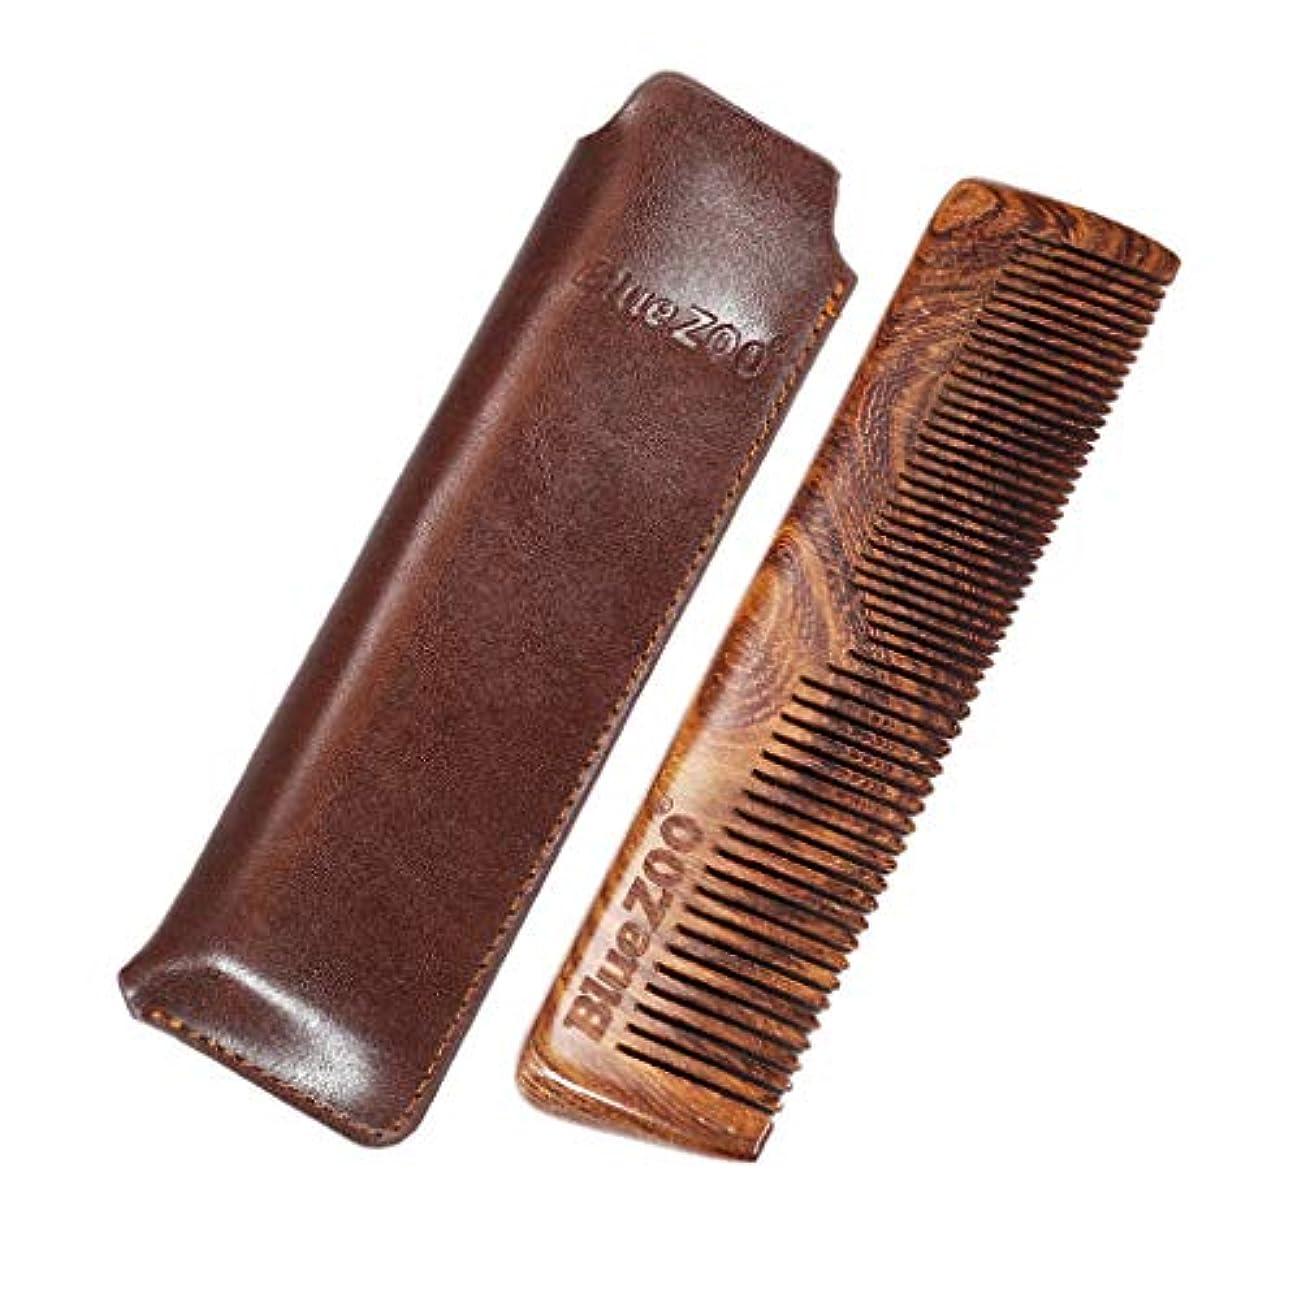 ホームレス火星商業のF Fityle 木製 ひげ櫛 PUバッグ 木製櫛 口ひげ ヘアブラシ 2色選べ - 褐色